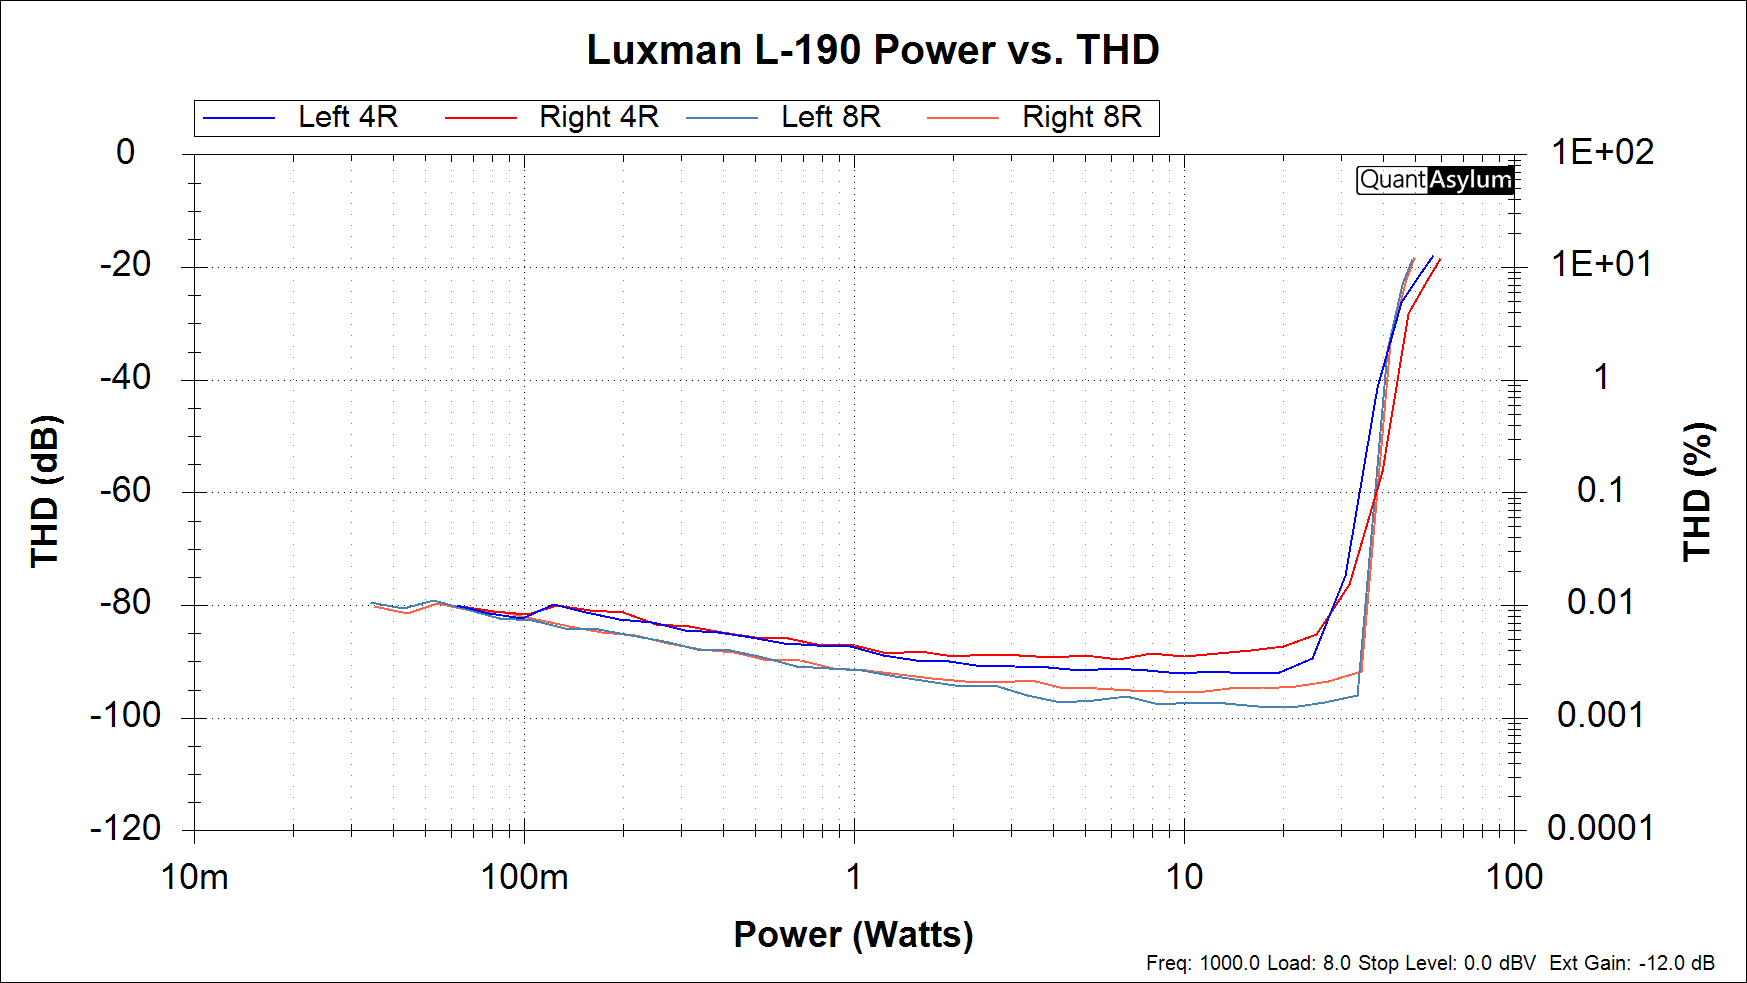 Luxman L-190 Power vs THD.png